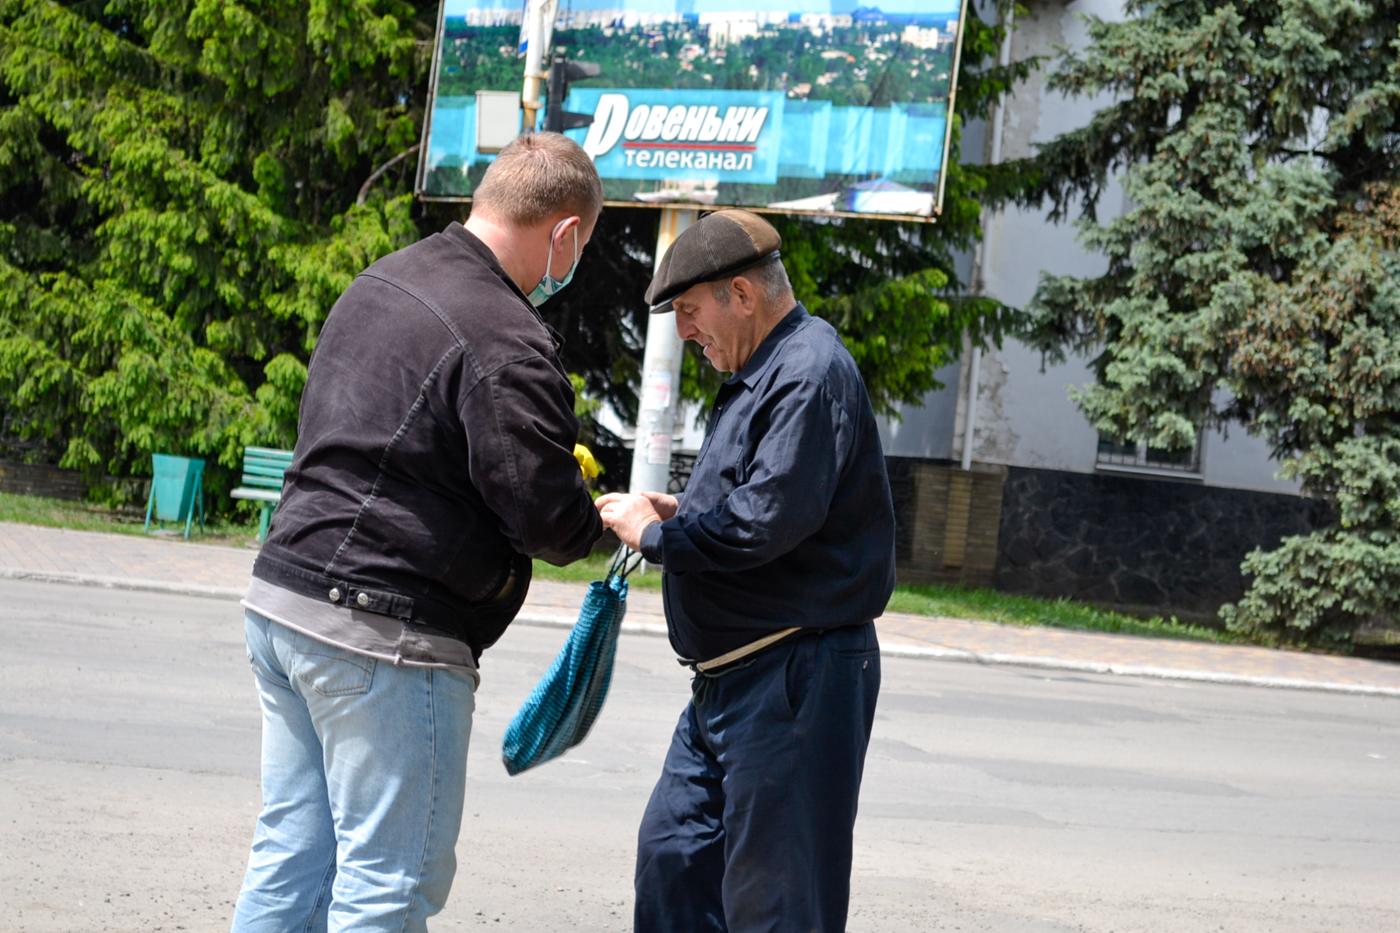 Жителям города Ровеньки рассказали об акции «Стоп наркотикам» 2